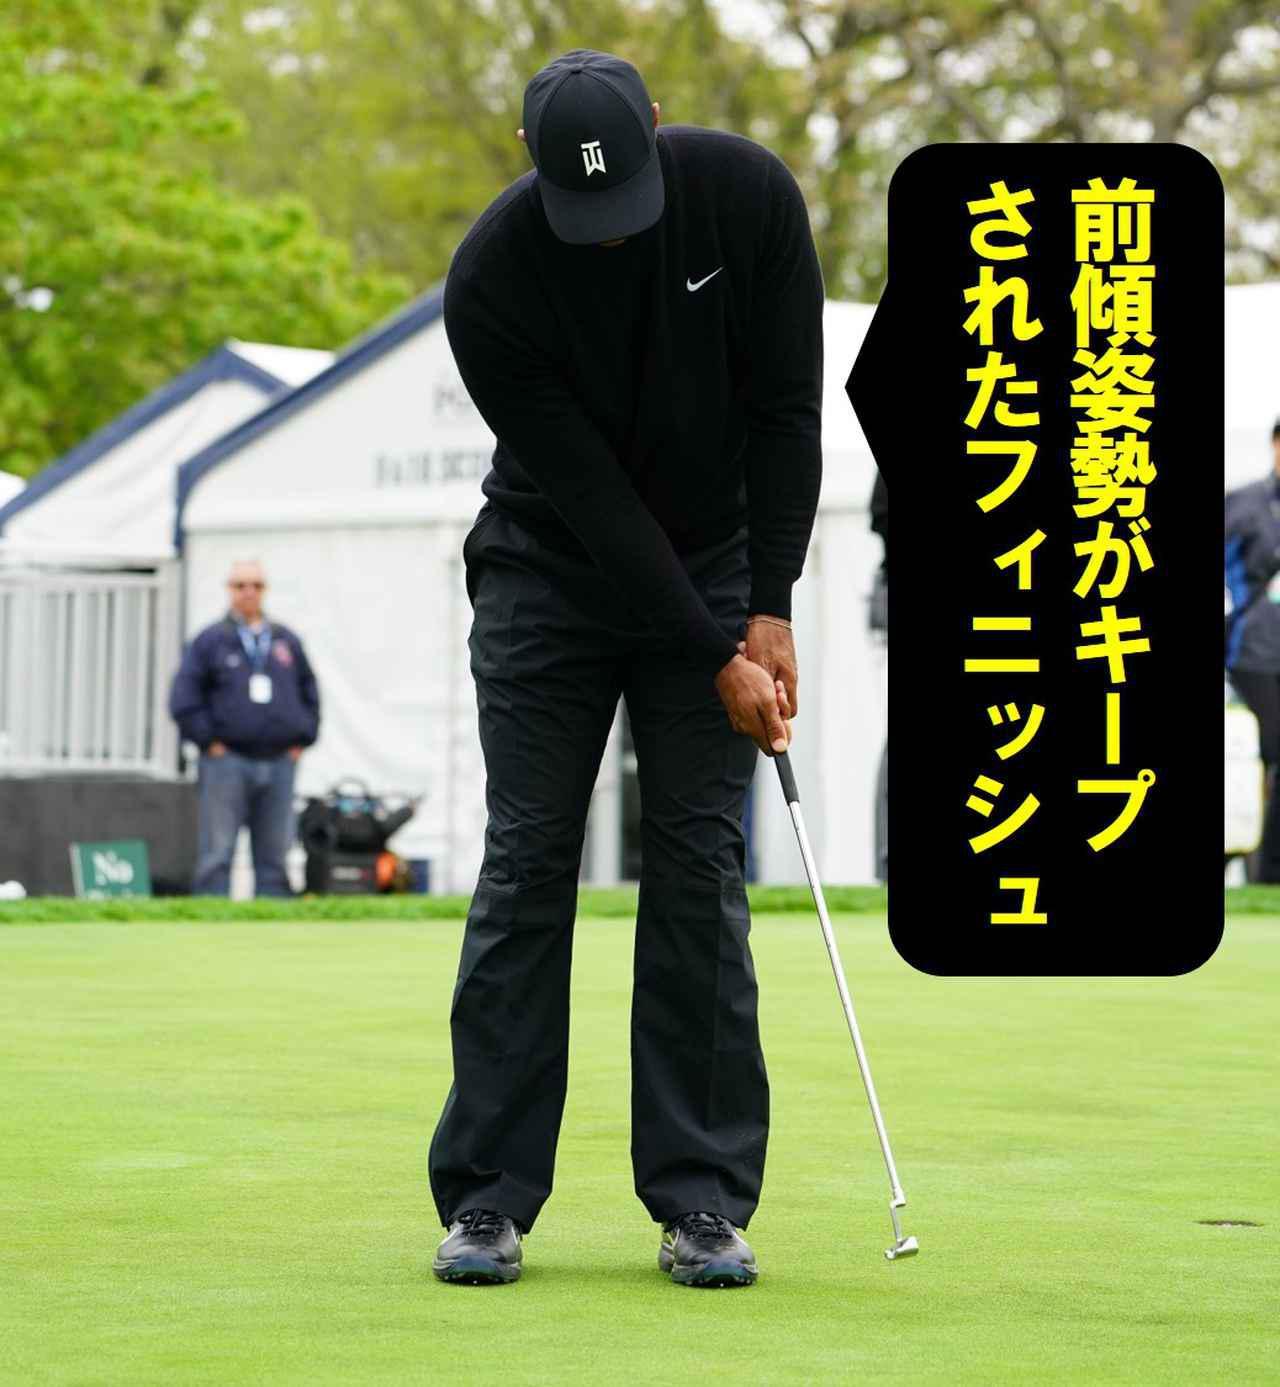 画像9: 【パット研究】タイガーの構えと打ち方、ギア選びに詰まった「パッティングの極意」、中井学プロが解説!